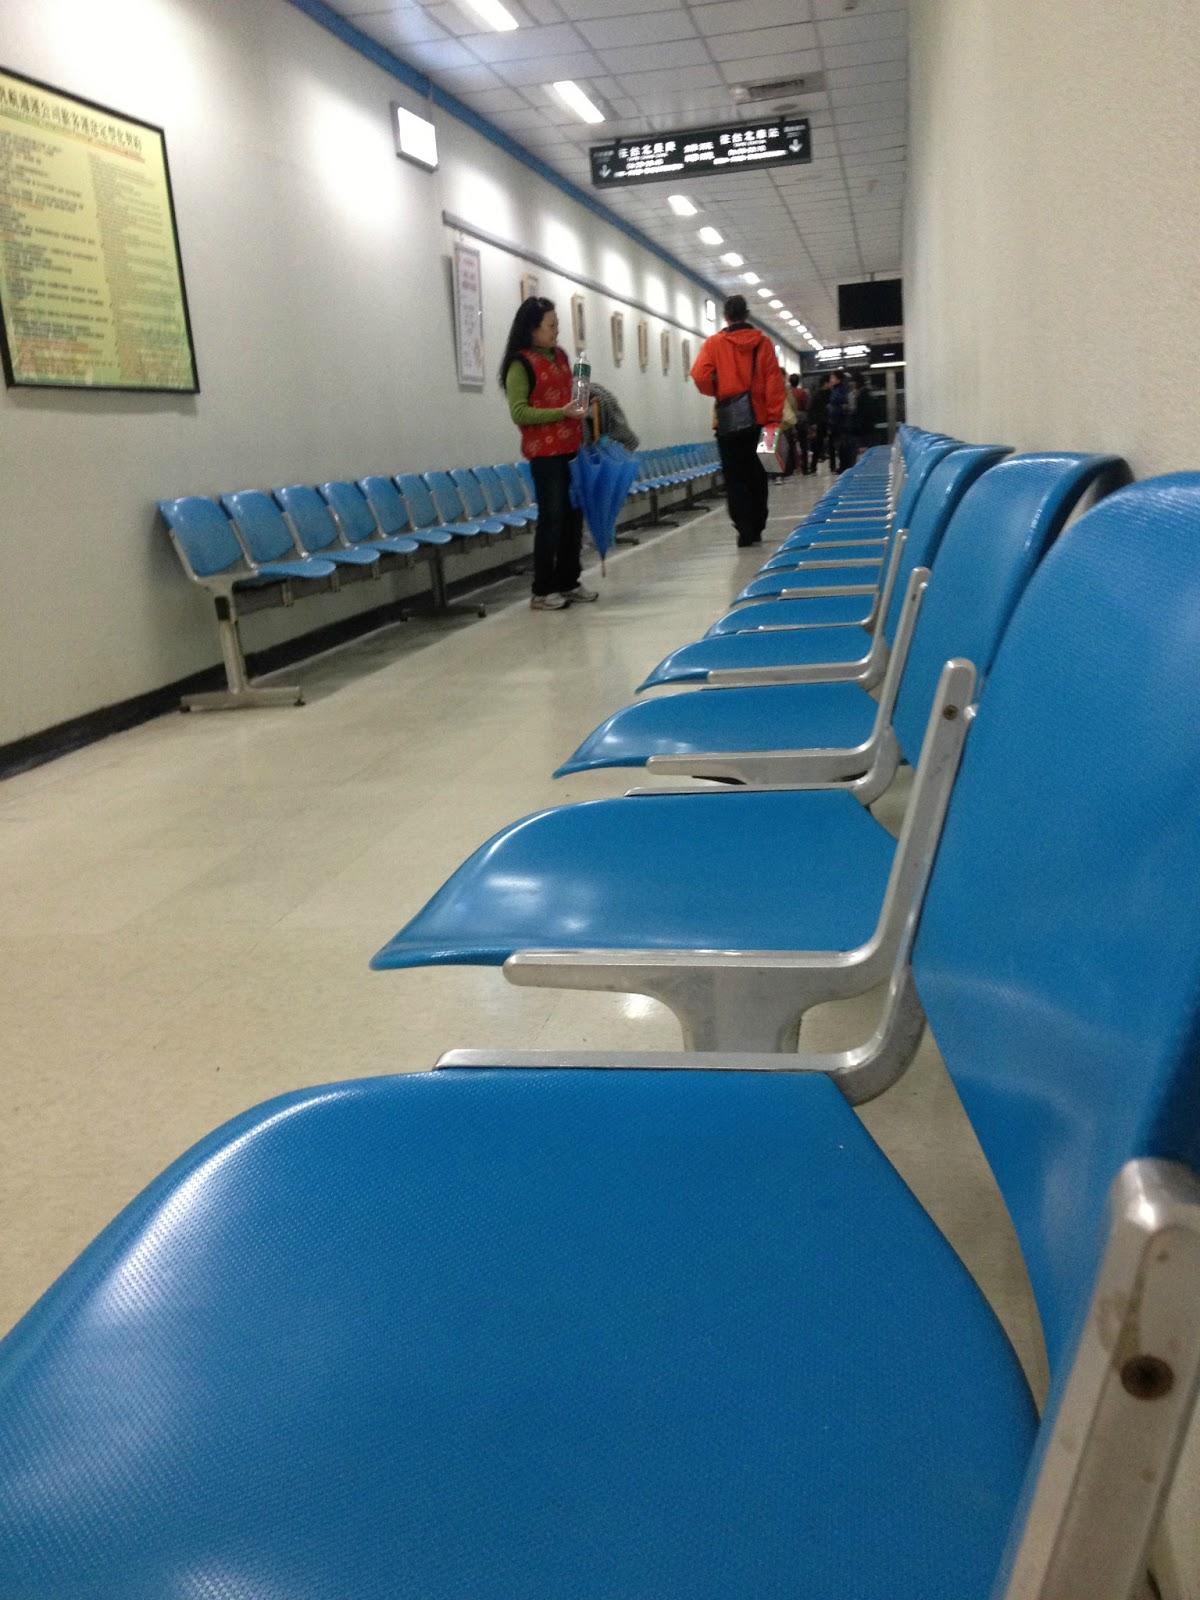 吃飽琛著: 如何從臺北長庚醫院到林口長庚醫院